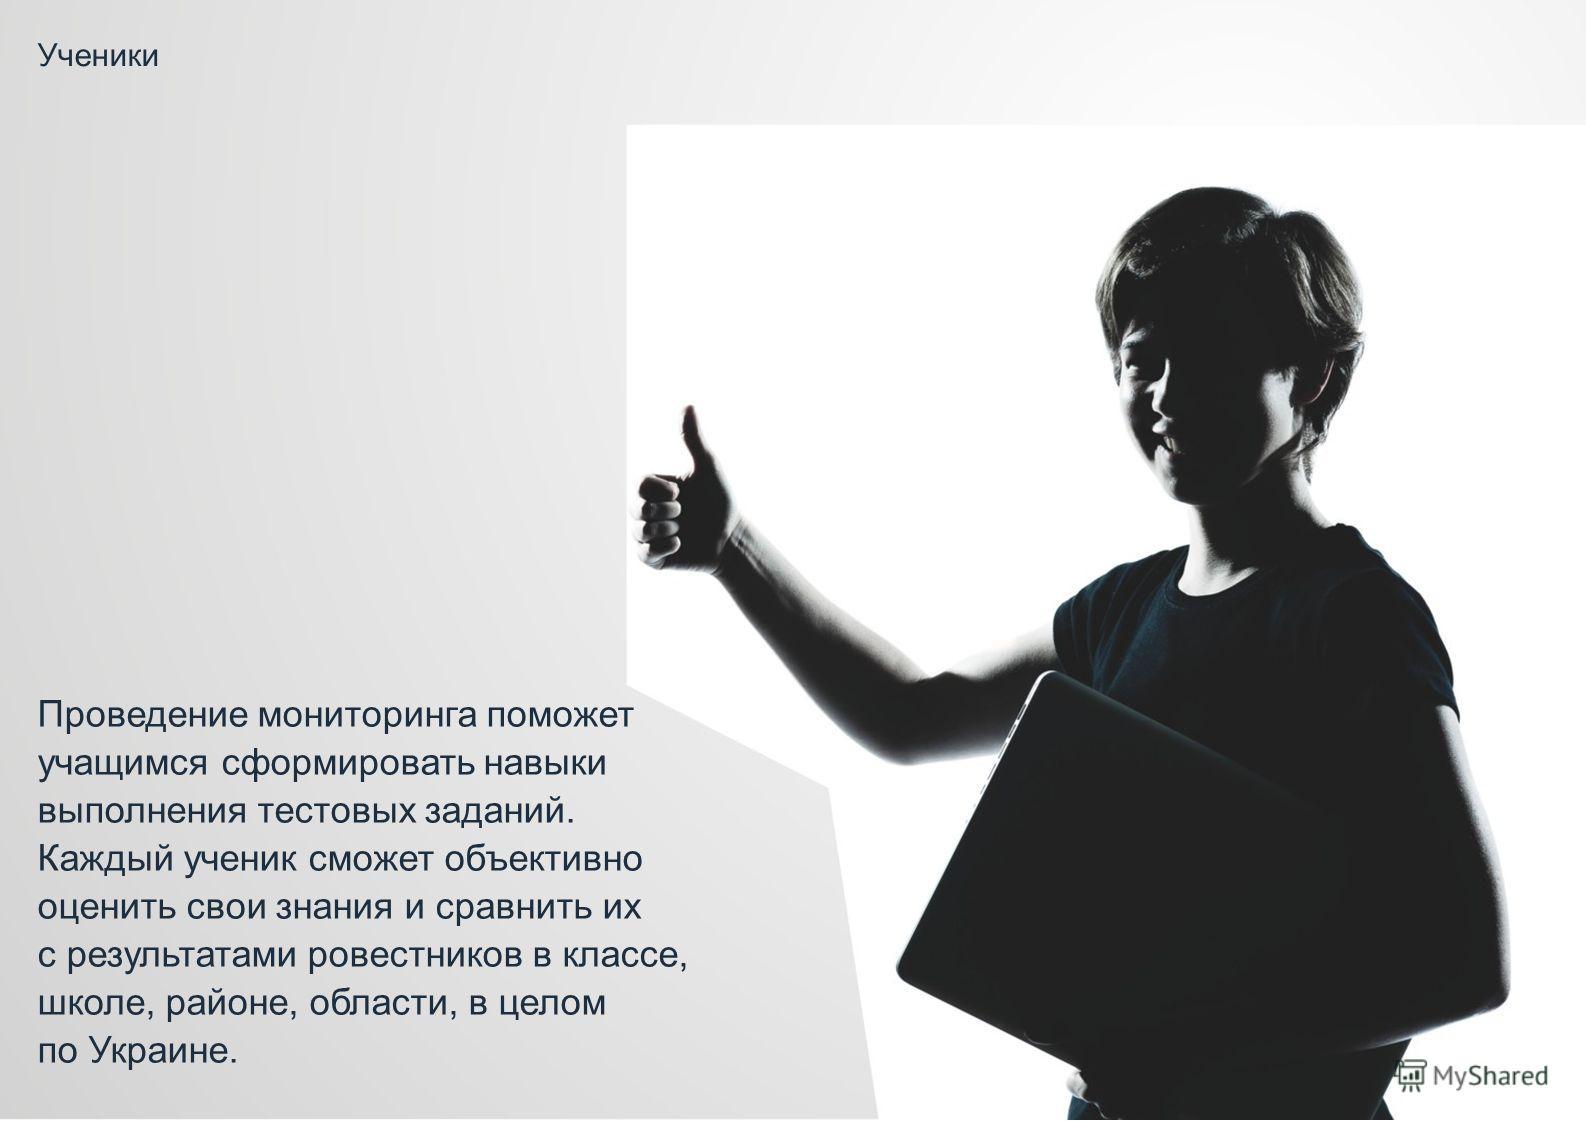 Ученики Проведение мониторинга поможет учащимся сформировать навыки выполнения тестовых заданий. Каждый ученик сможет объективно оценить свои знания и сравнить их с результатами ровестников в классе, школе, районе, области, в целом по Украине.